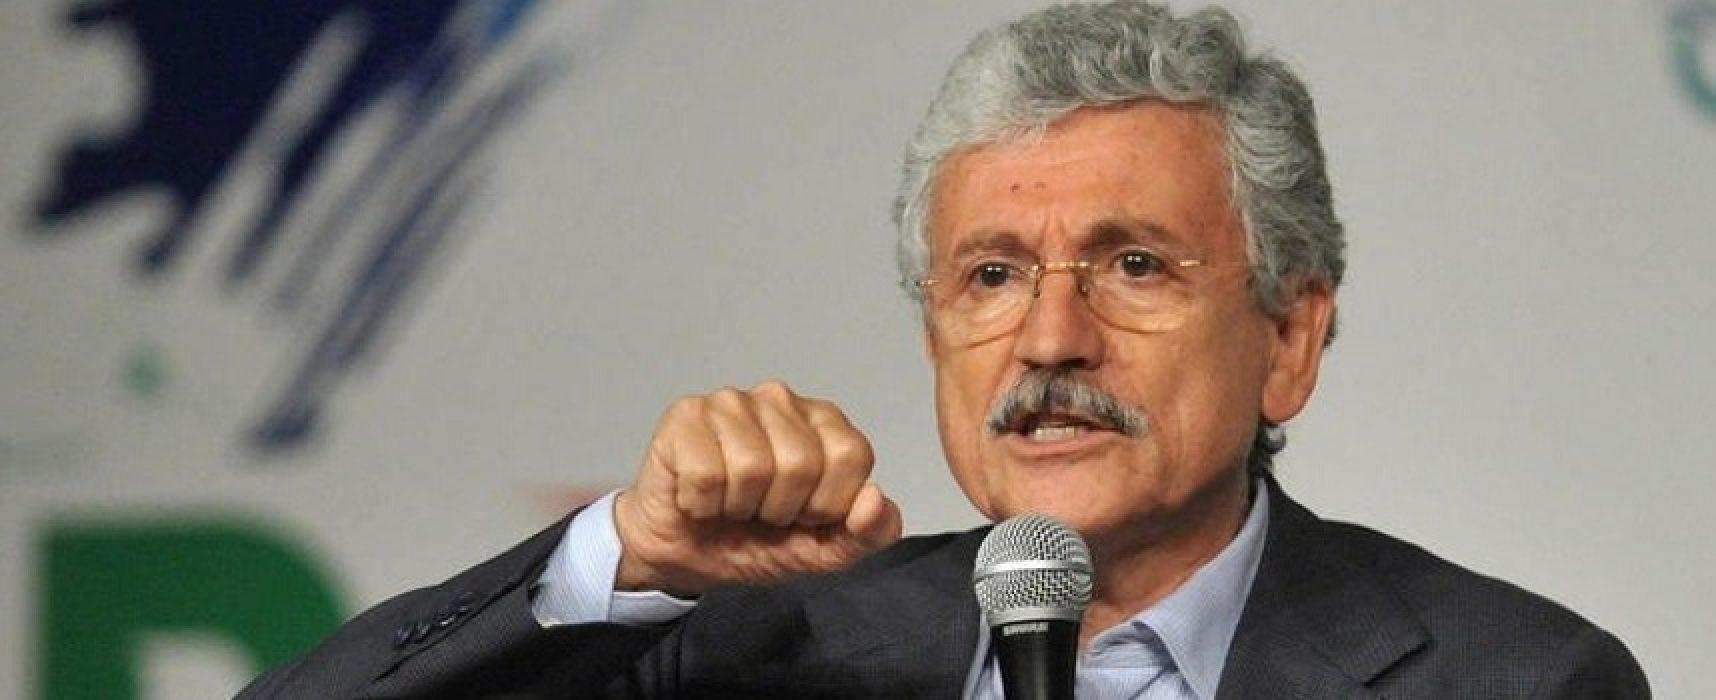 Liberi e Uguali, Massimo D'Alema oggi a Bisceglie per parlare di sanità